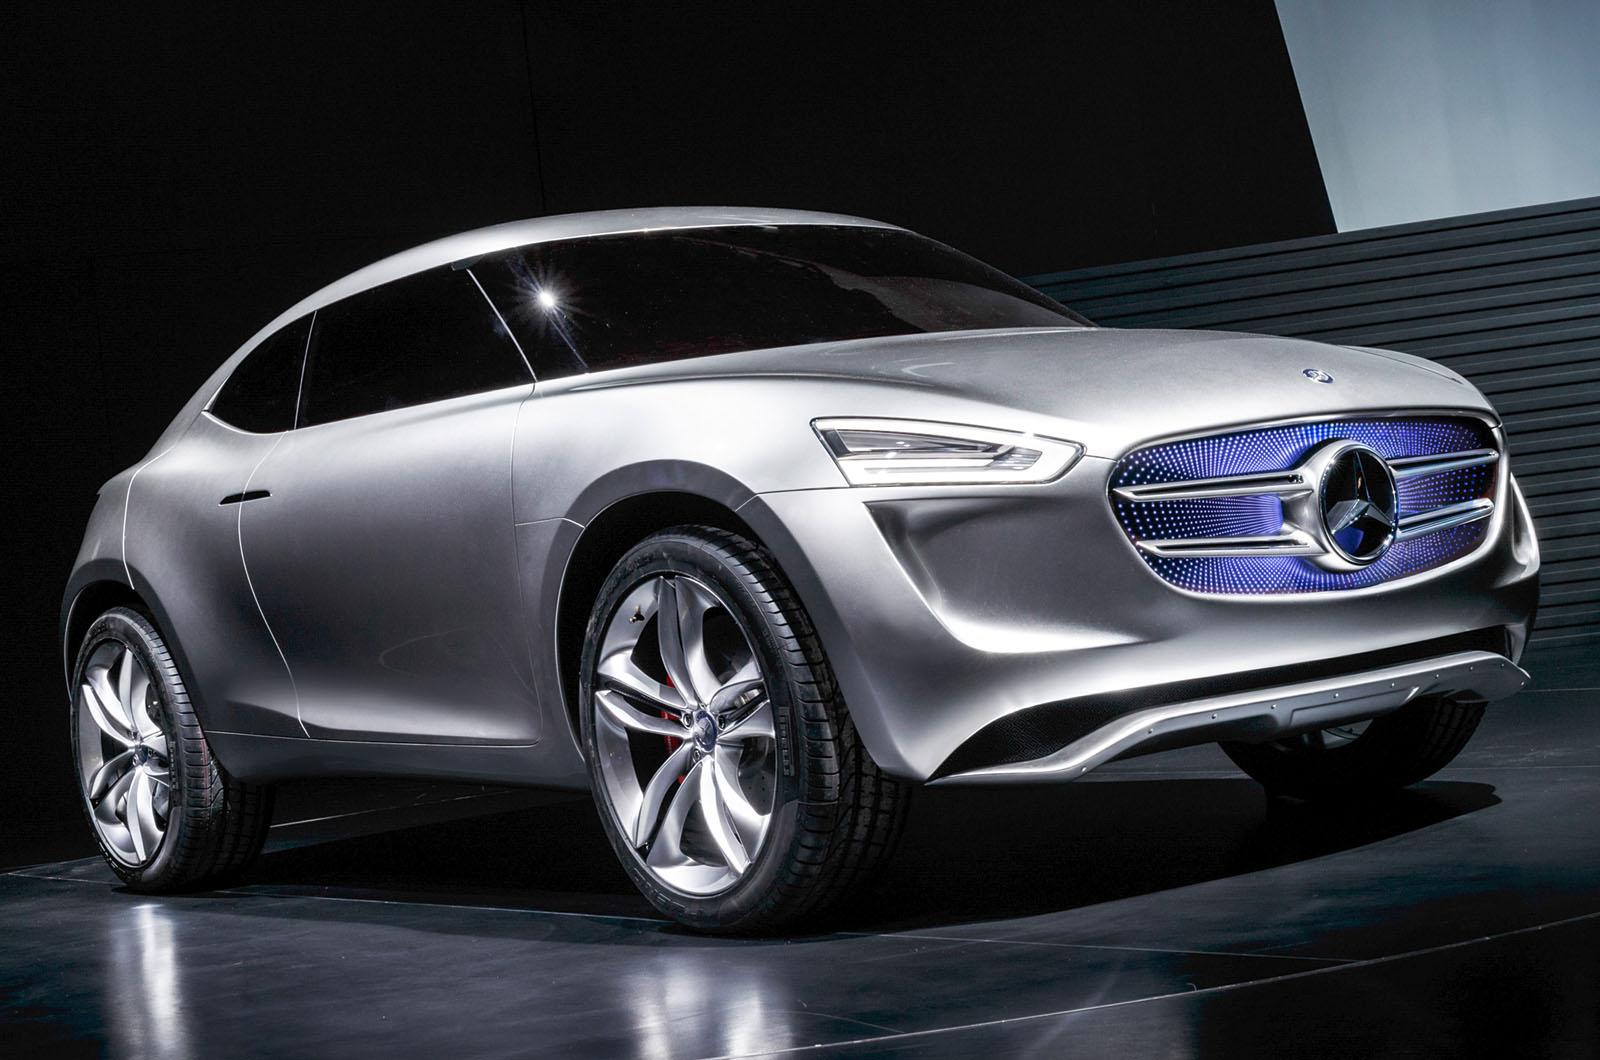 Mercedes-Benz giới thiệu siêu phẩm concept tuyệt đẹp